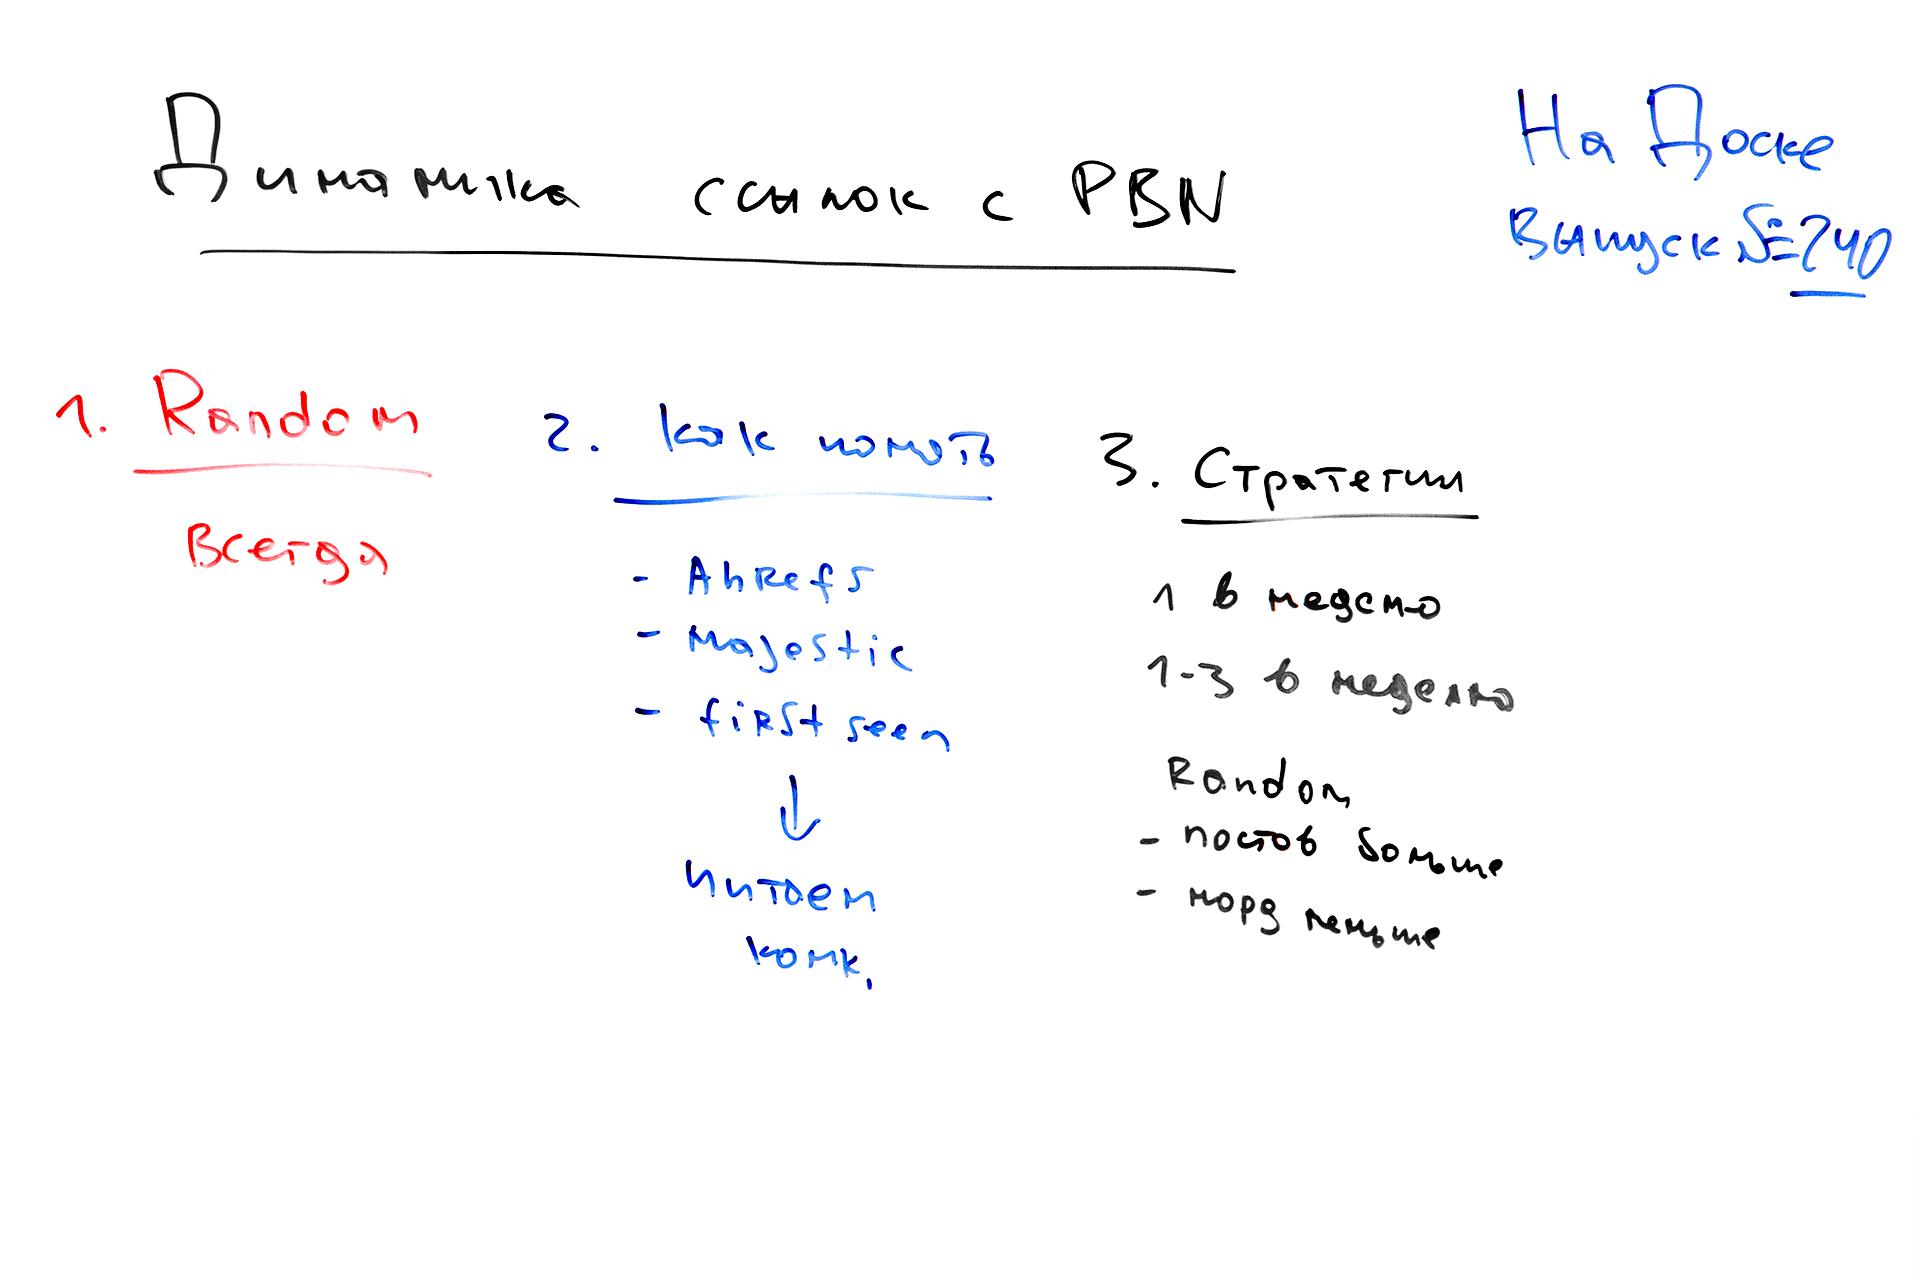 Фото с доски: Динамика проставления обратных ссылок с PBN – На Доске – выпуск № 240